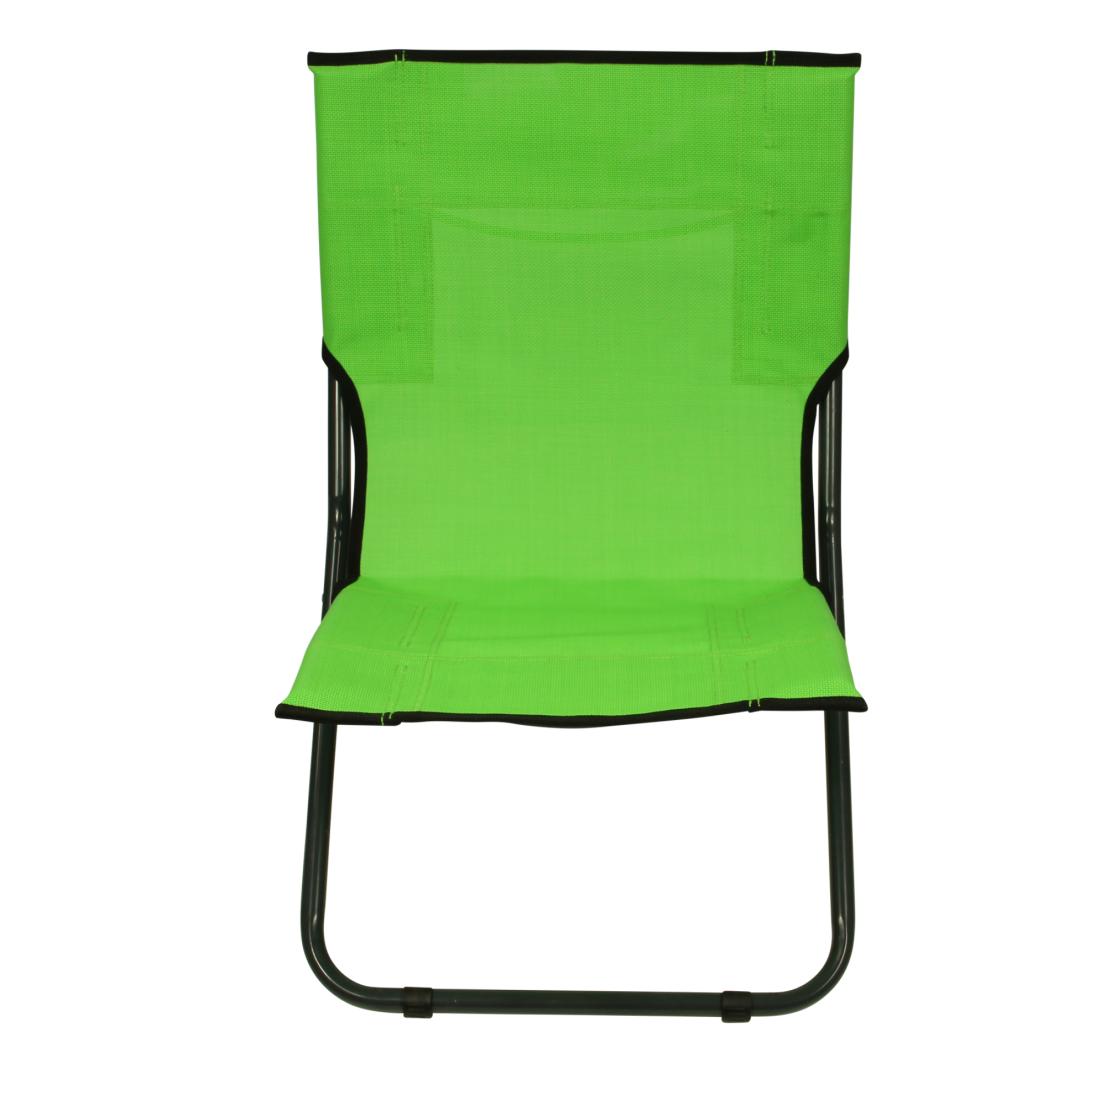 Fridani Beach Chair Bcg Xl Camping Chair Green Folding Chair With Handle Air Permeable Garden Chair